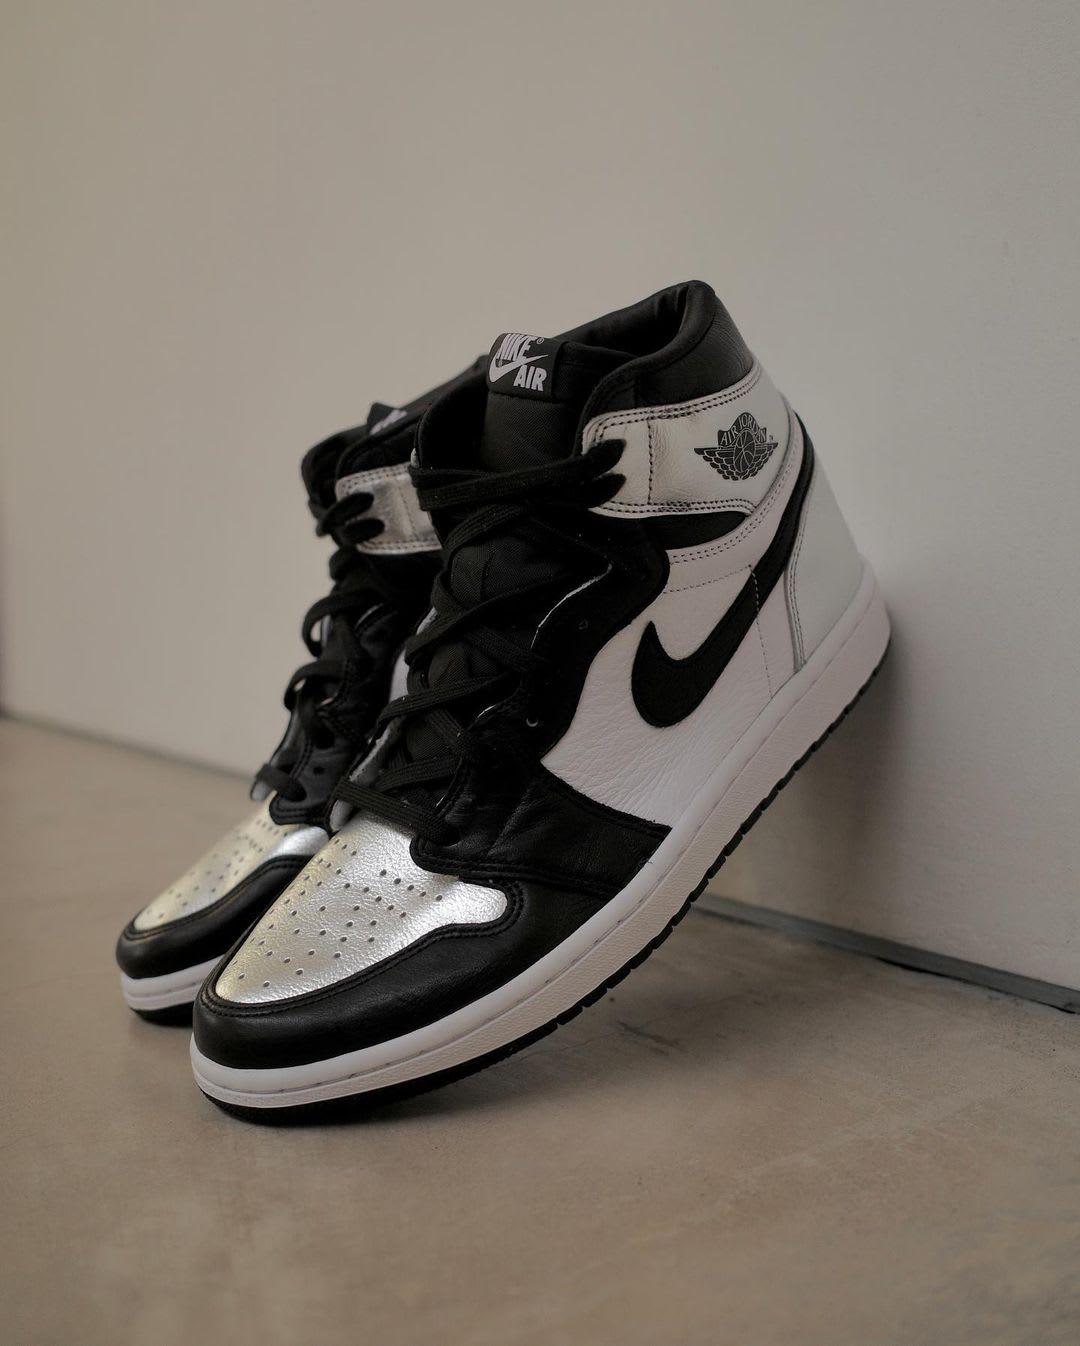 nike-wmns-air-jordan-1-black-metallic-silver-white-cd0461-001-release-20210212